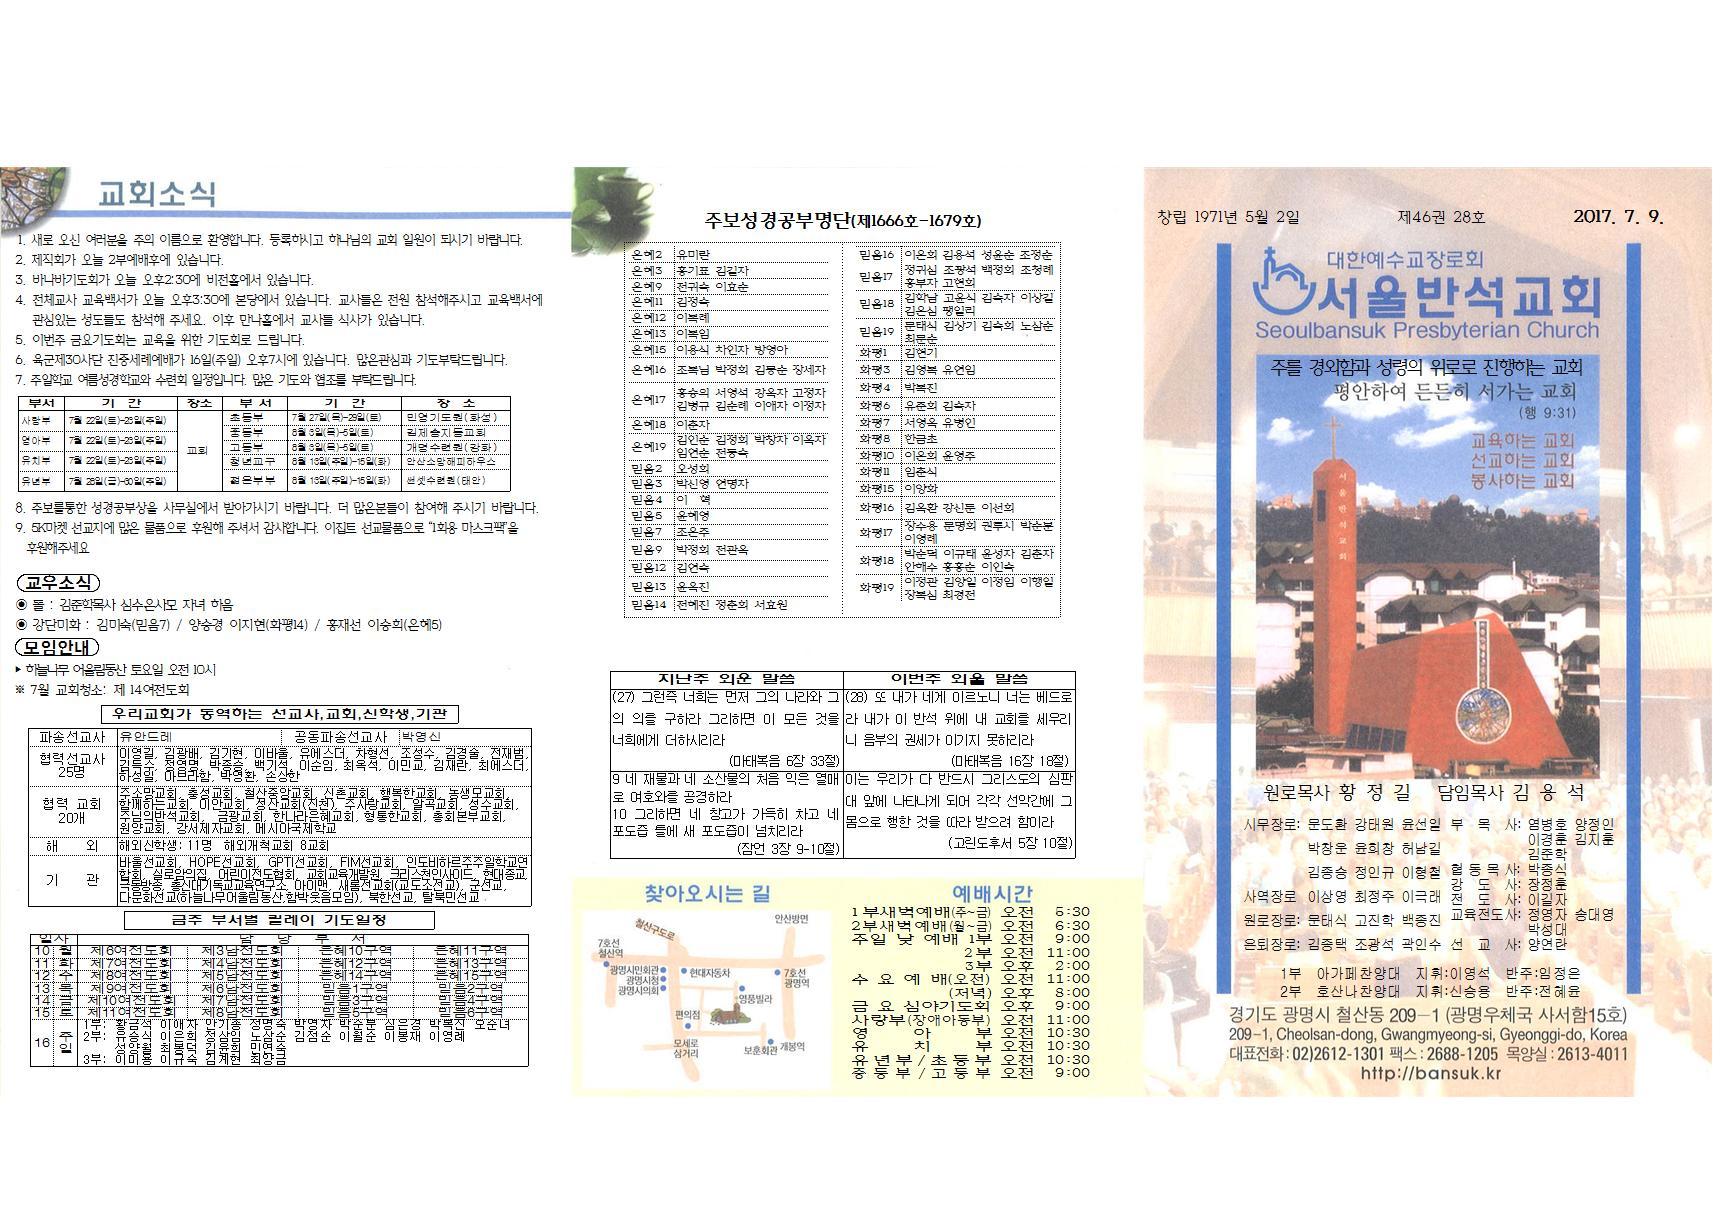 주보 제46권 28호(2017.07.09)